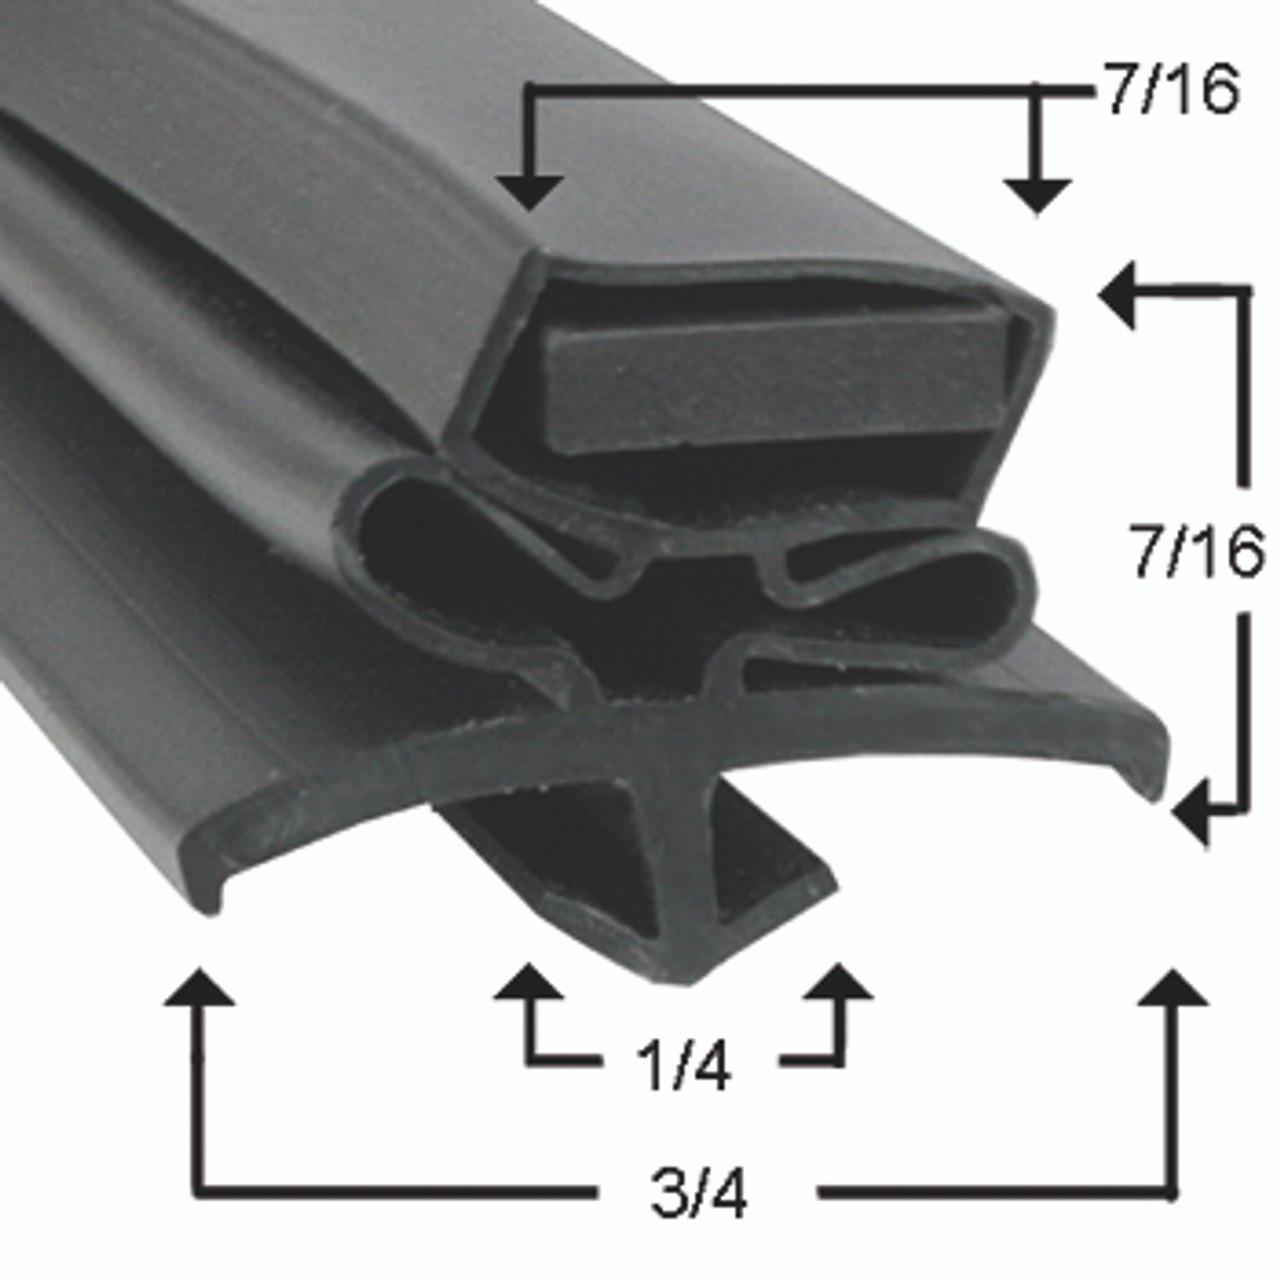 Perlick Cooler and Freezer Door Gasket Profile 016 19 3/4 x 23 7/8 (Style 2209)_2